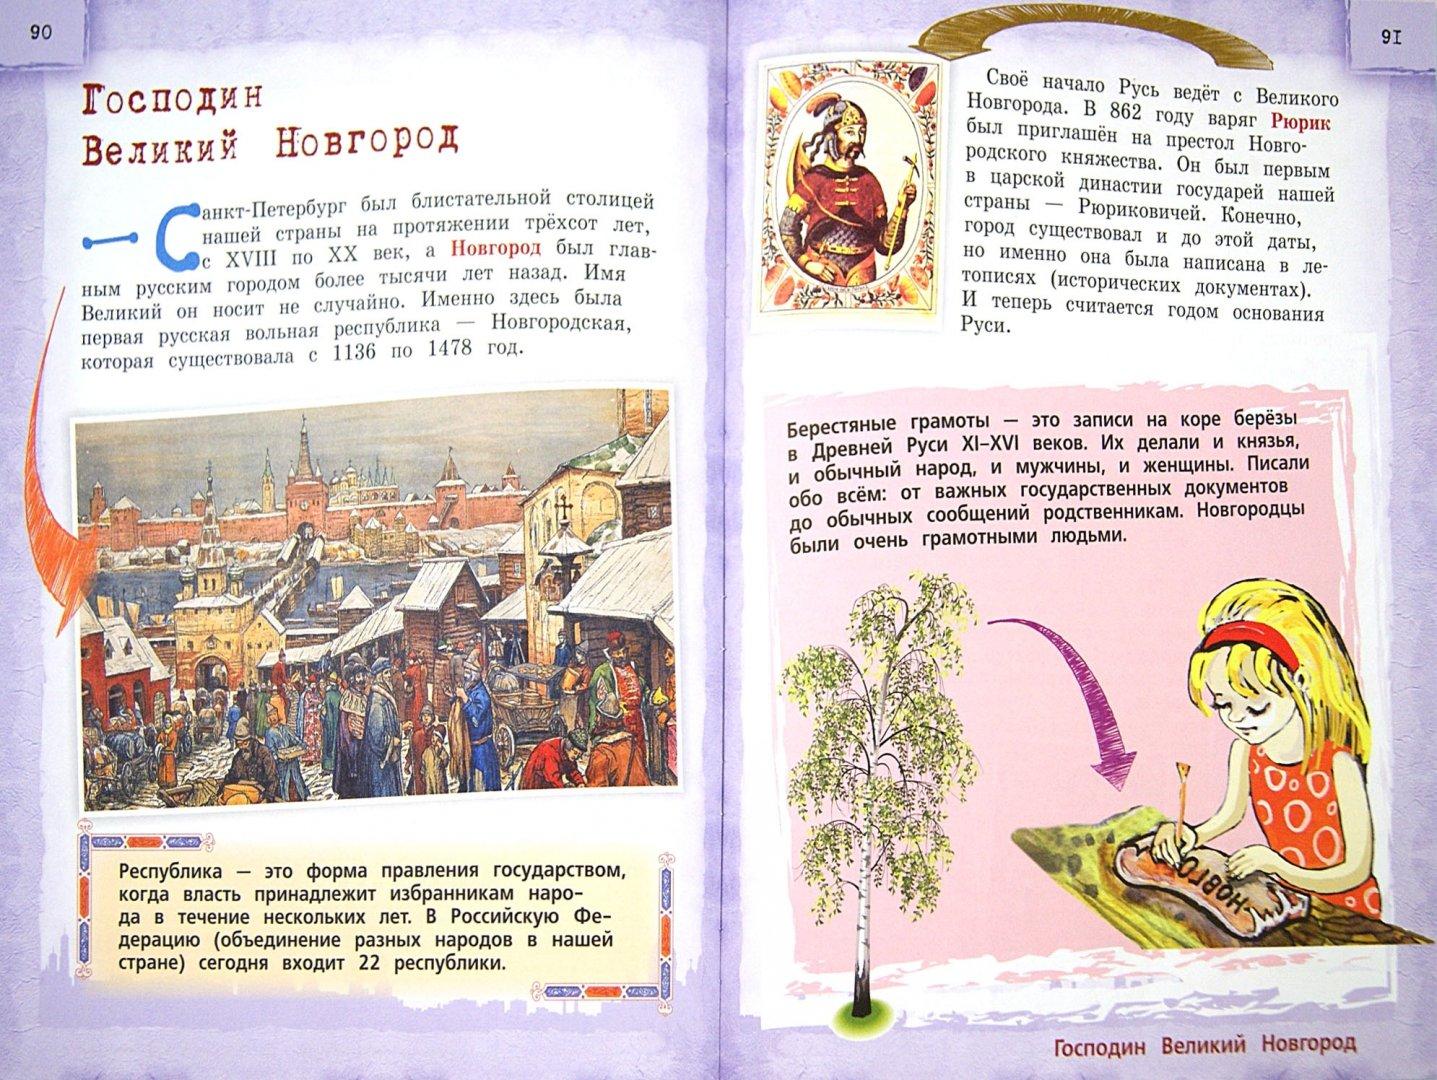 Иллюстрация 1 из 14 для Россия для детей - Наталья Андрианова | Лабиринт - книги. Источник: Лабиринт